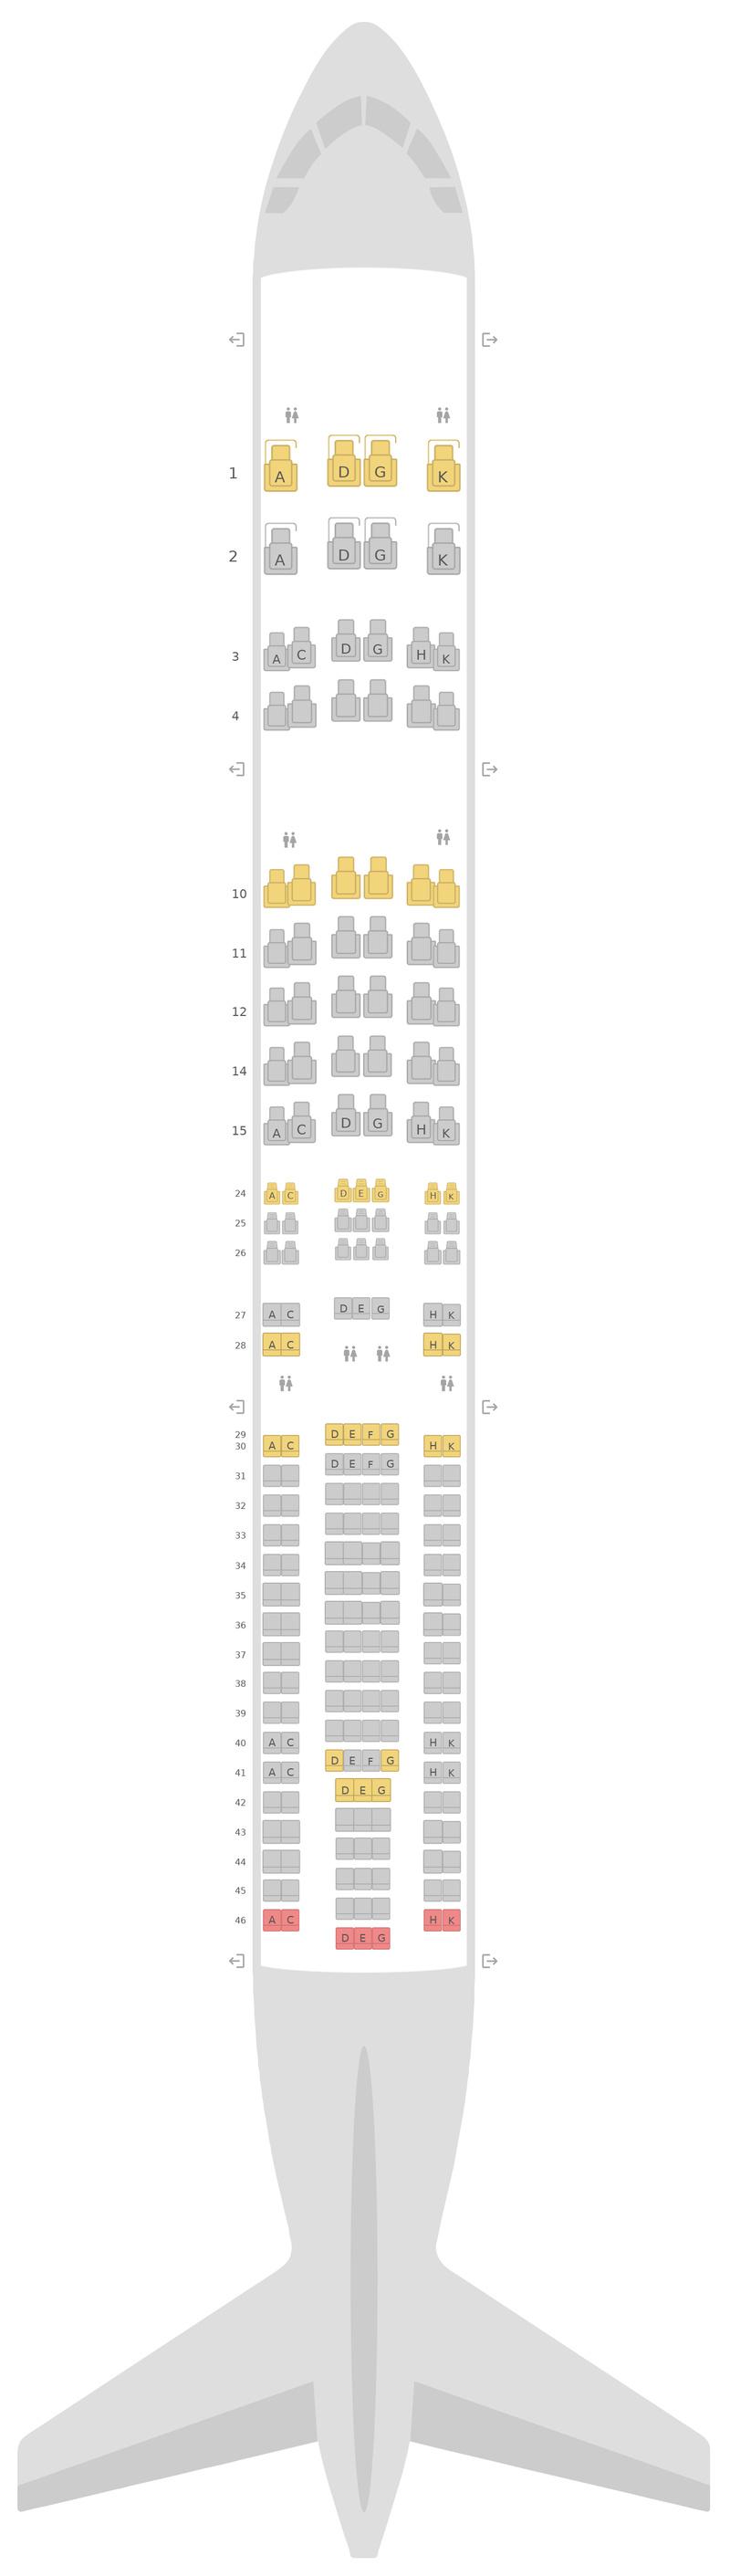 Схема салона Аэробус А330-300 (333) v2 Люфтганза